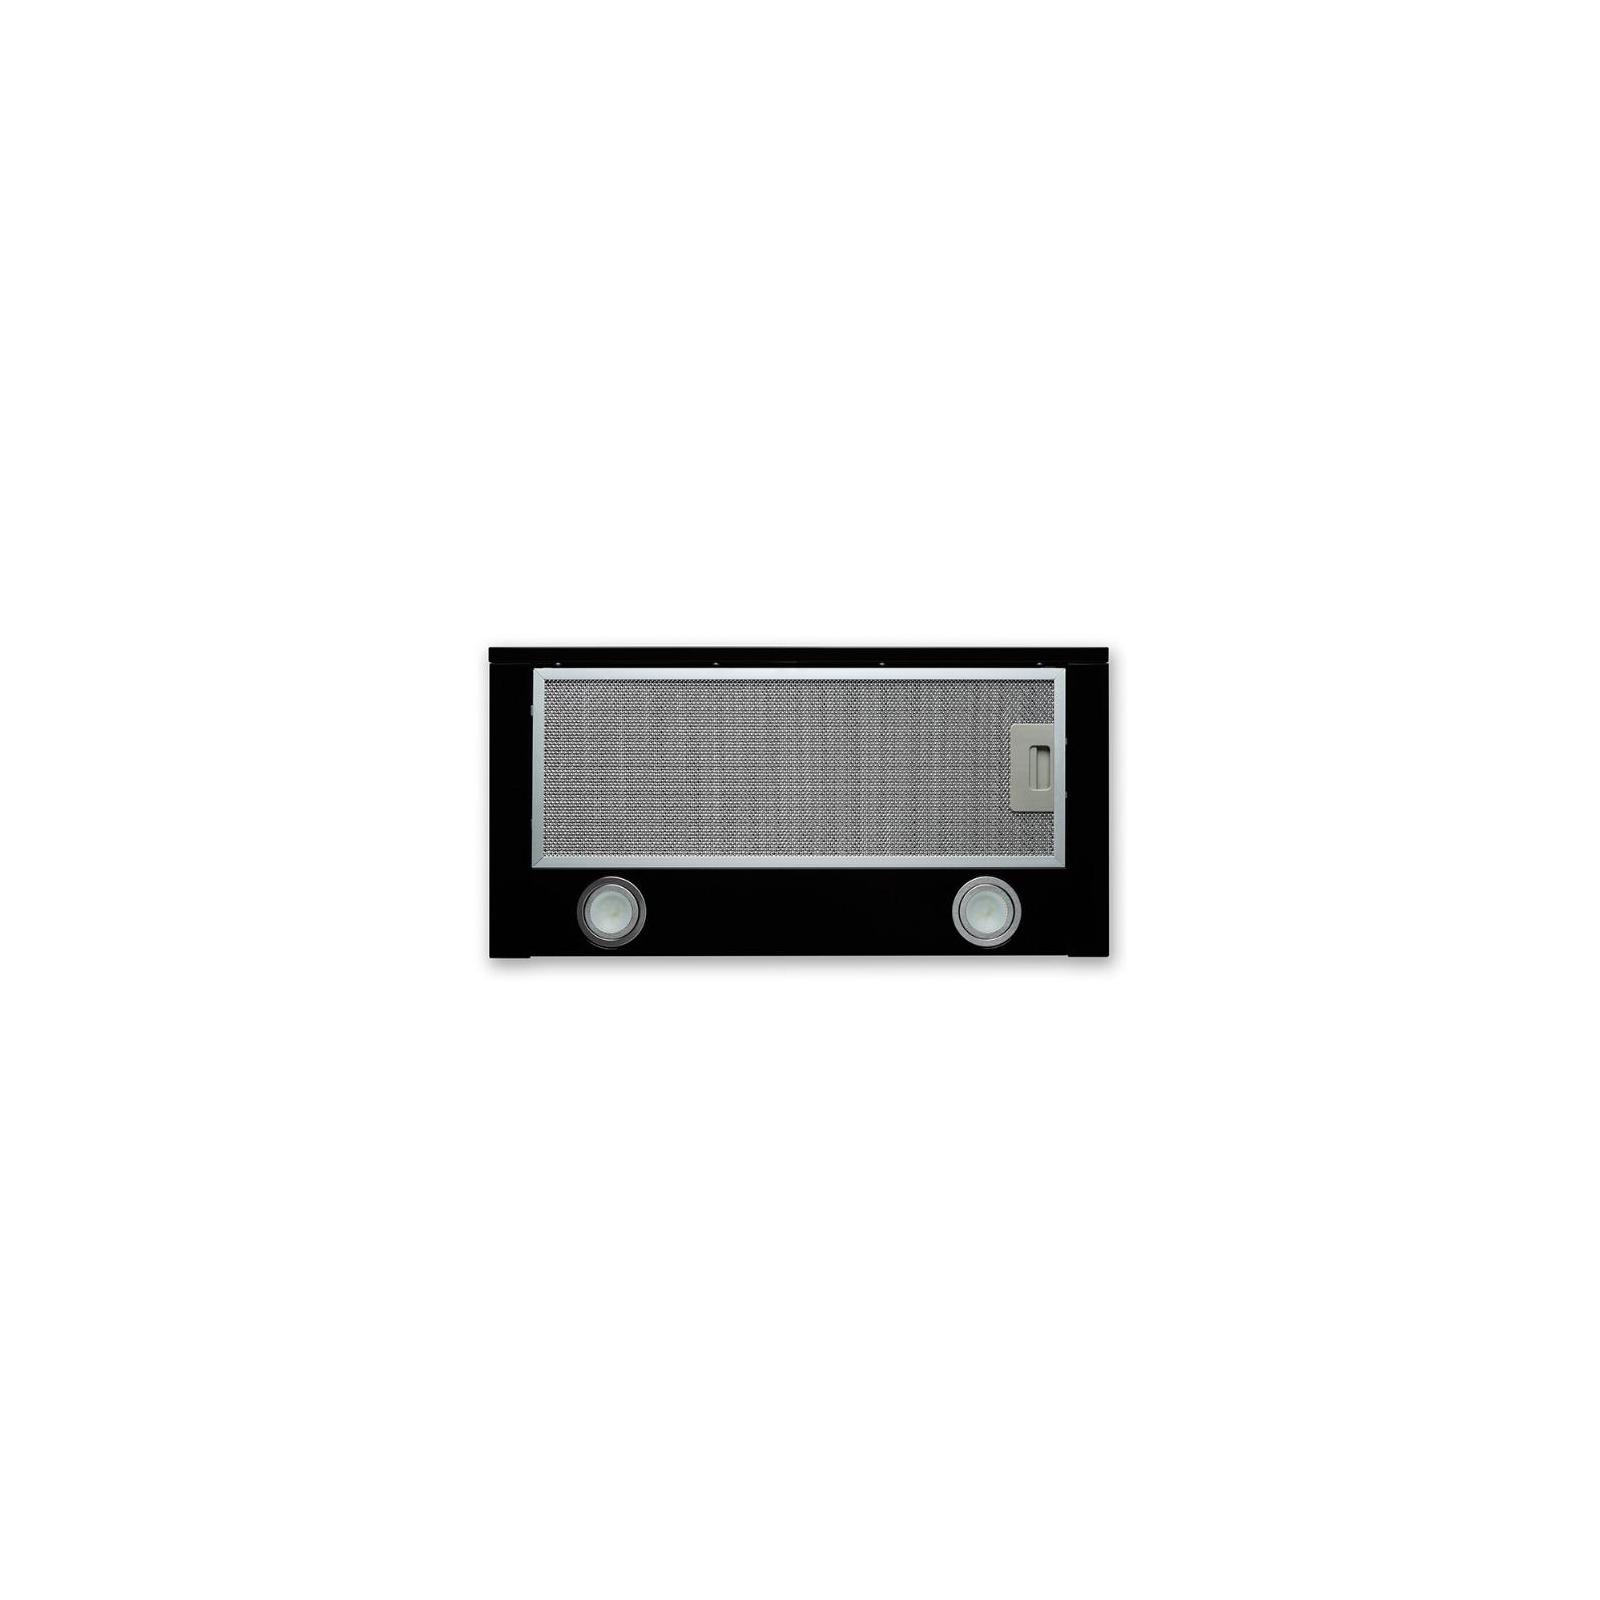 Вытяжка кухонная MINOLA HTL 6612 BL 1000 LED изображение 3